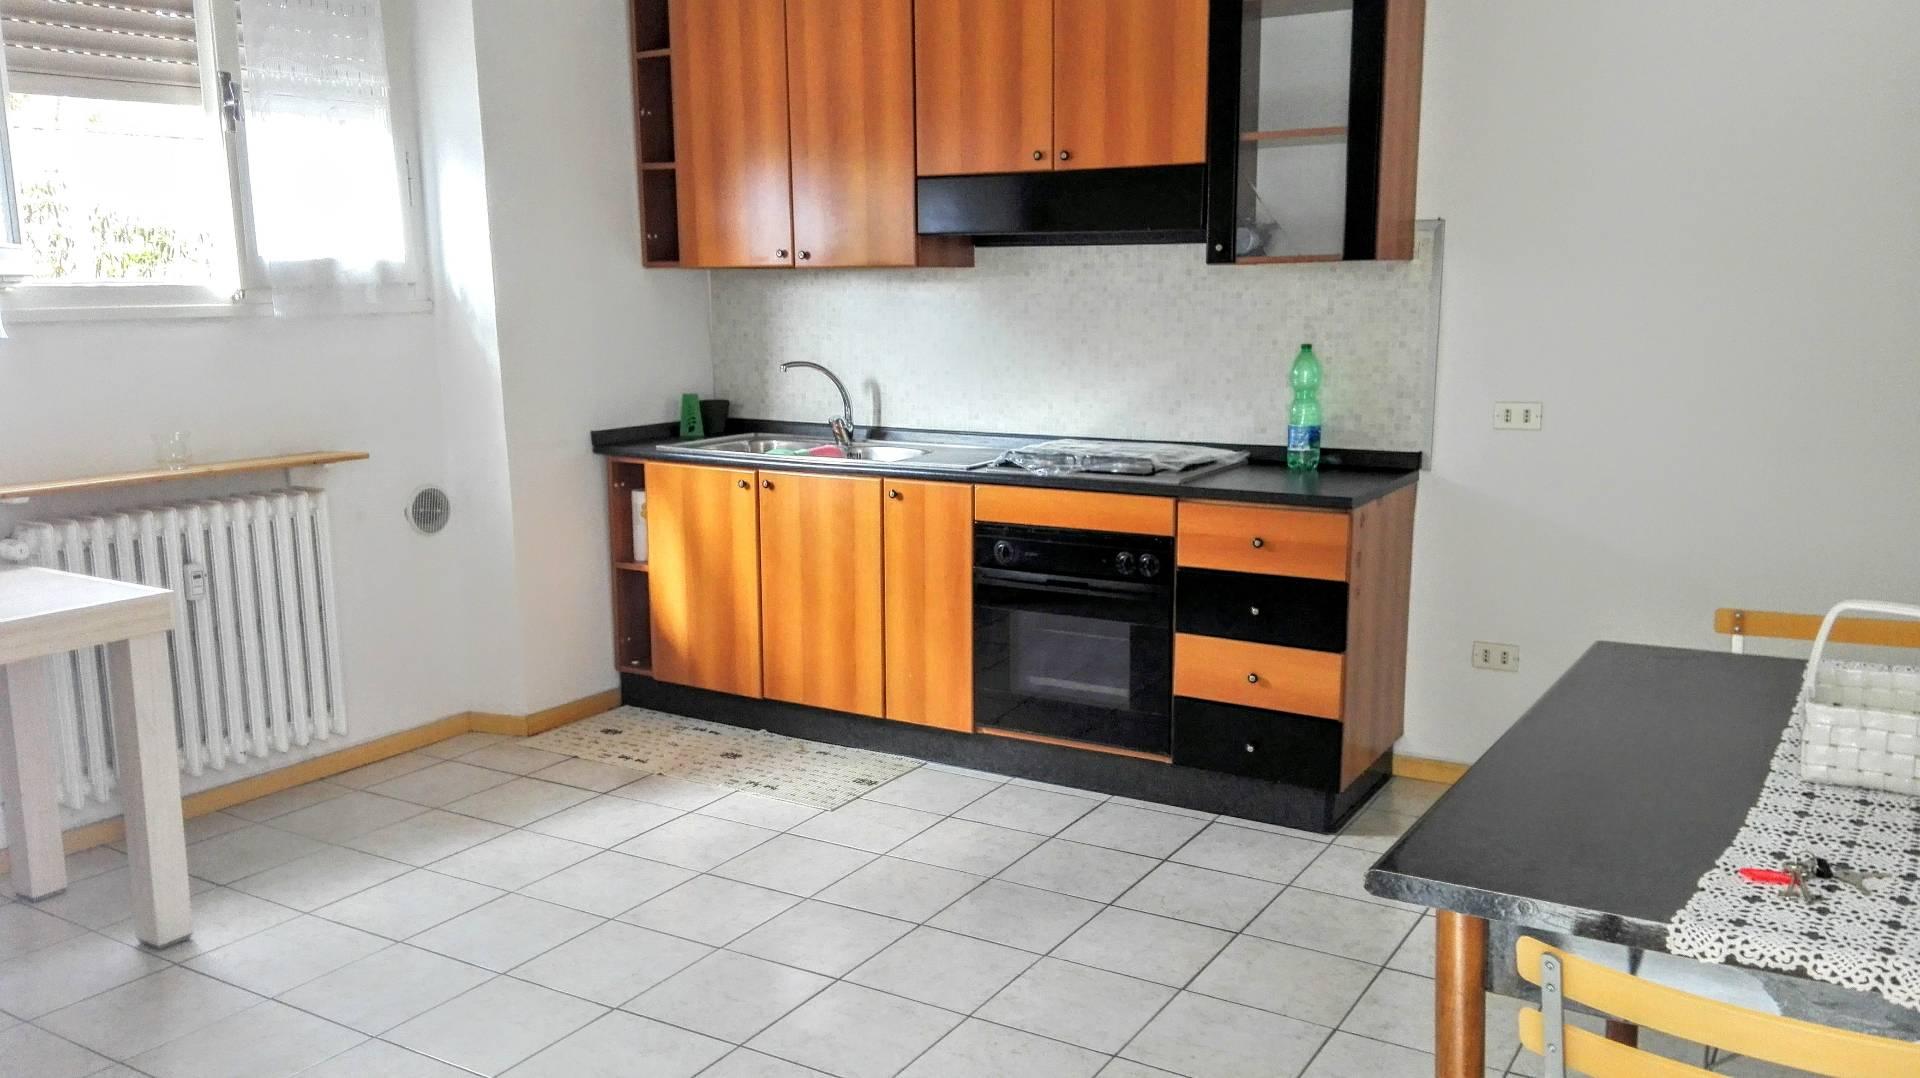 Appartamento in vendita a Casale Monferrato, 2 locali, prezzo € 25.000   PortaleAgenzieImmobiliari.it